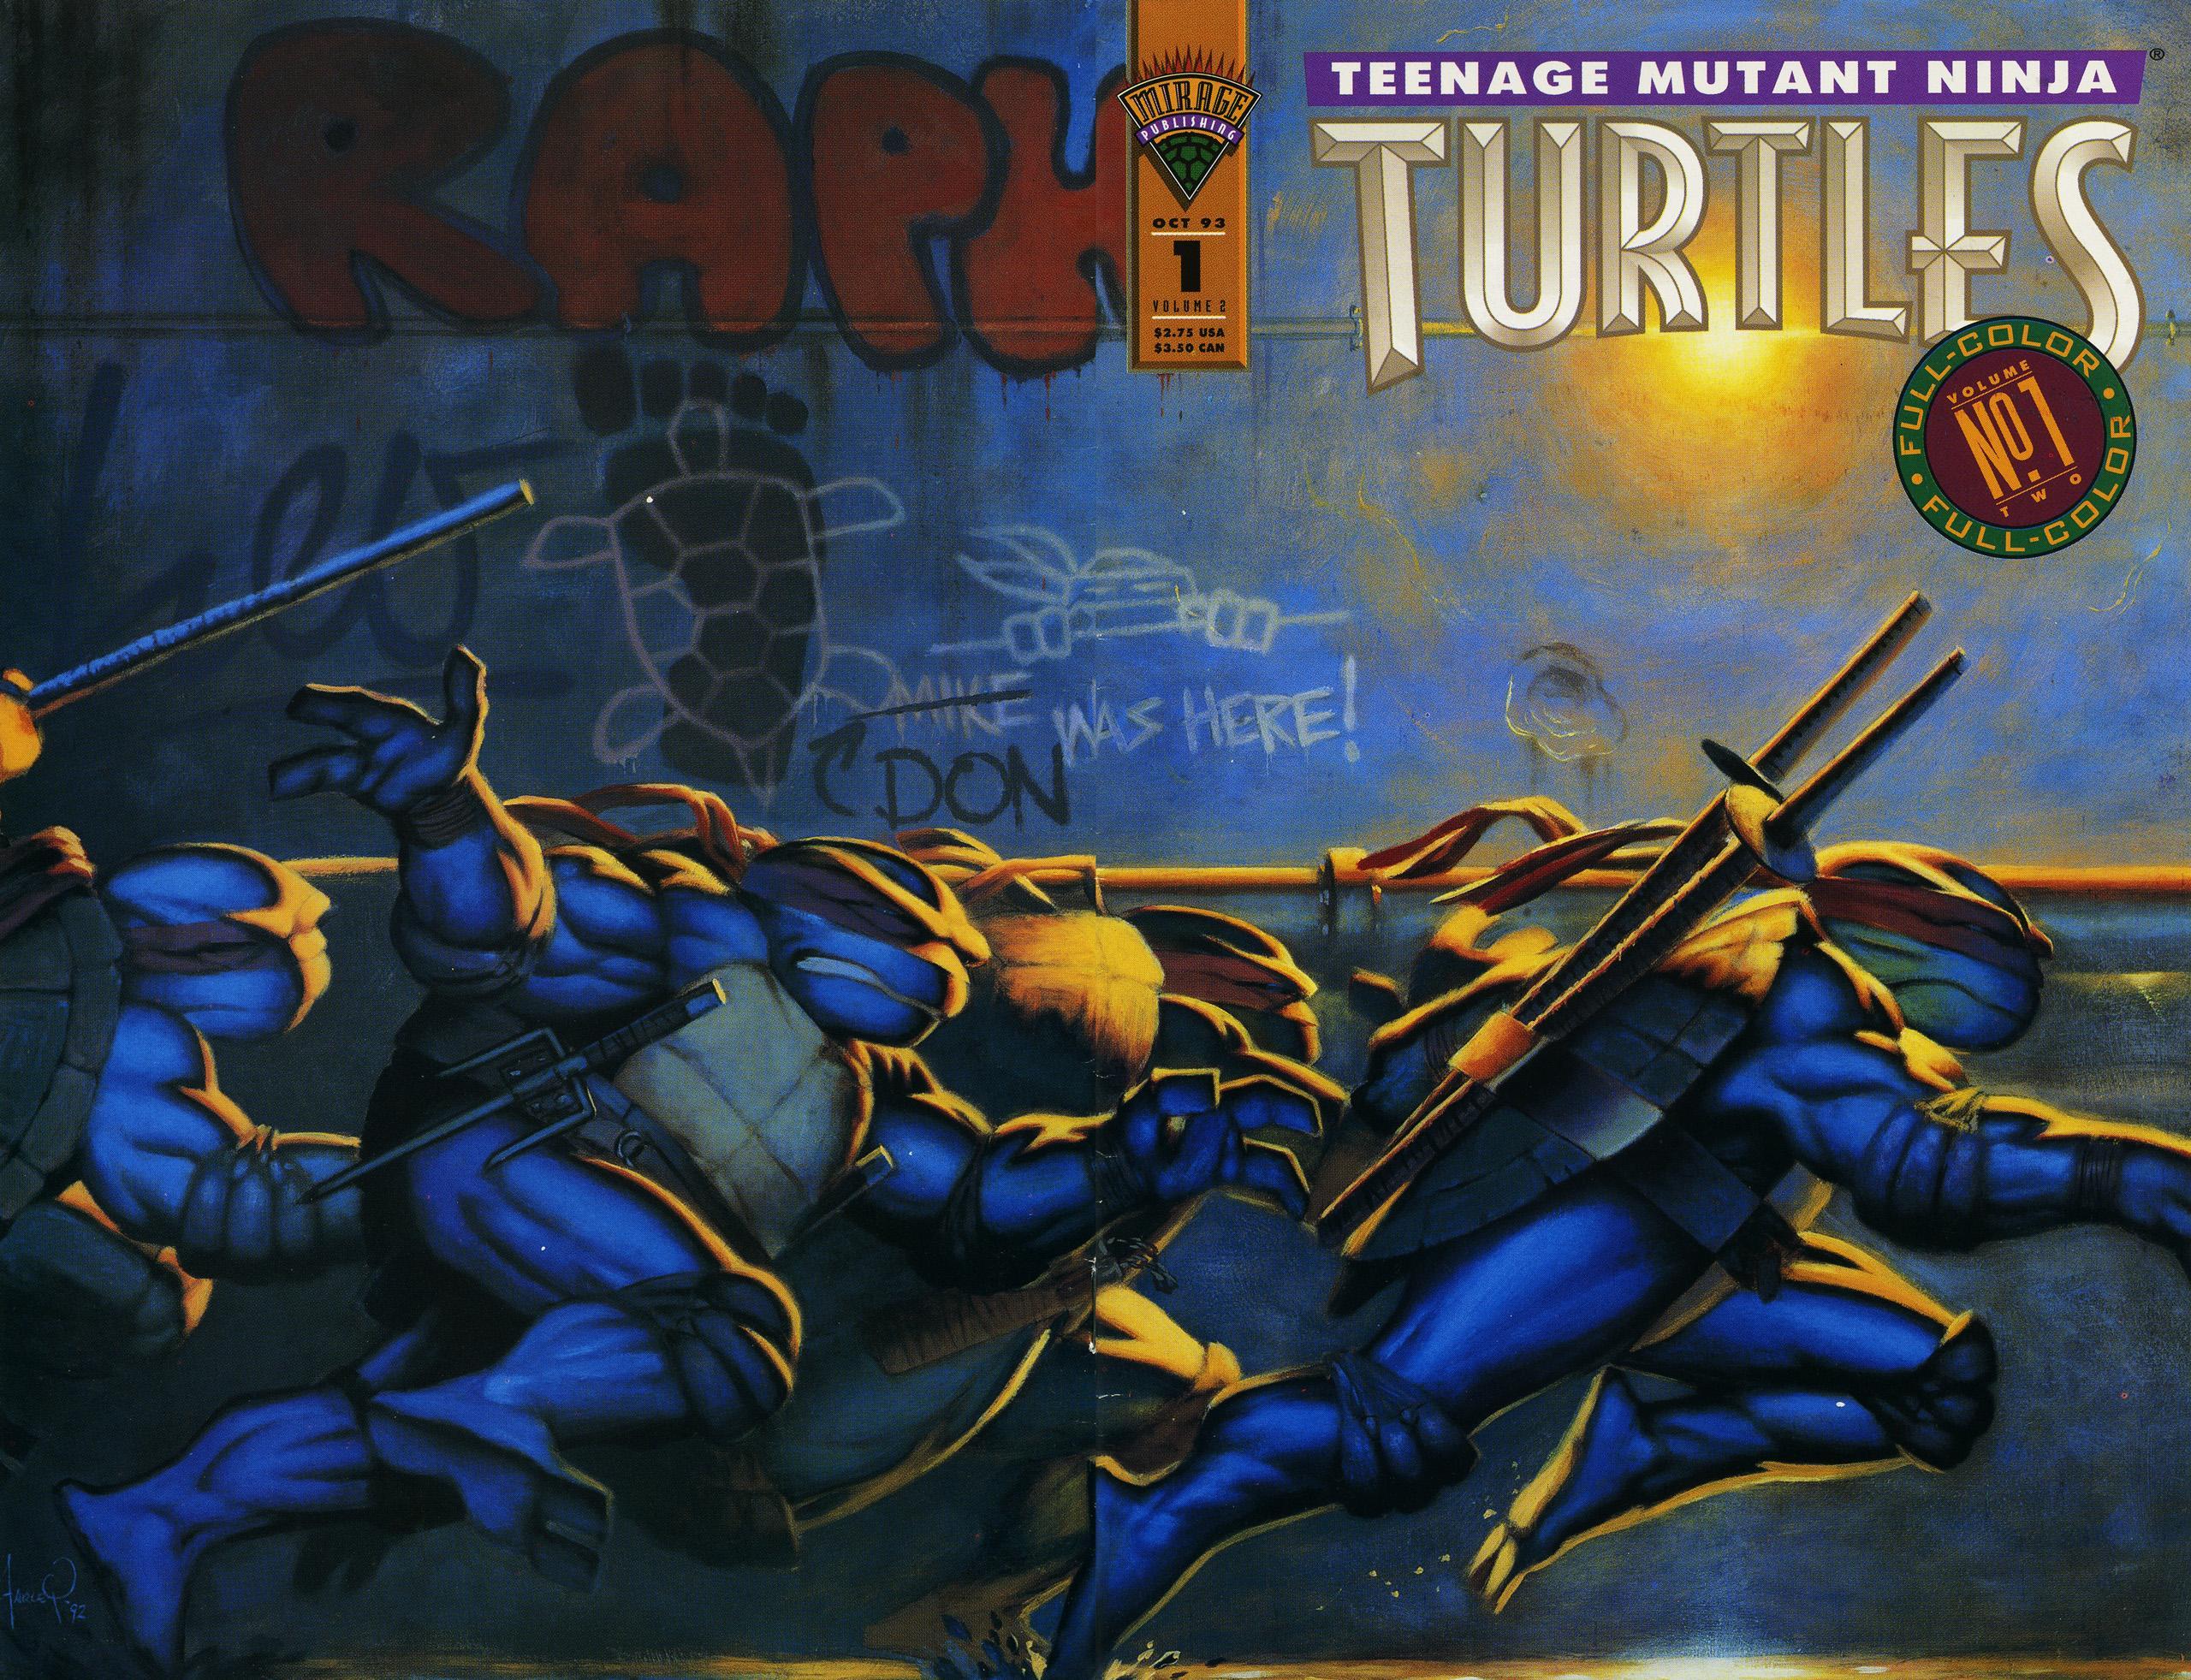 Teenage Mutant Ninja Turtles Vol 2